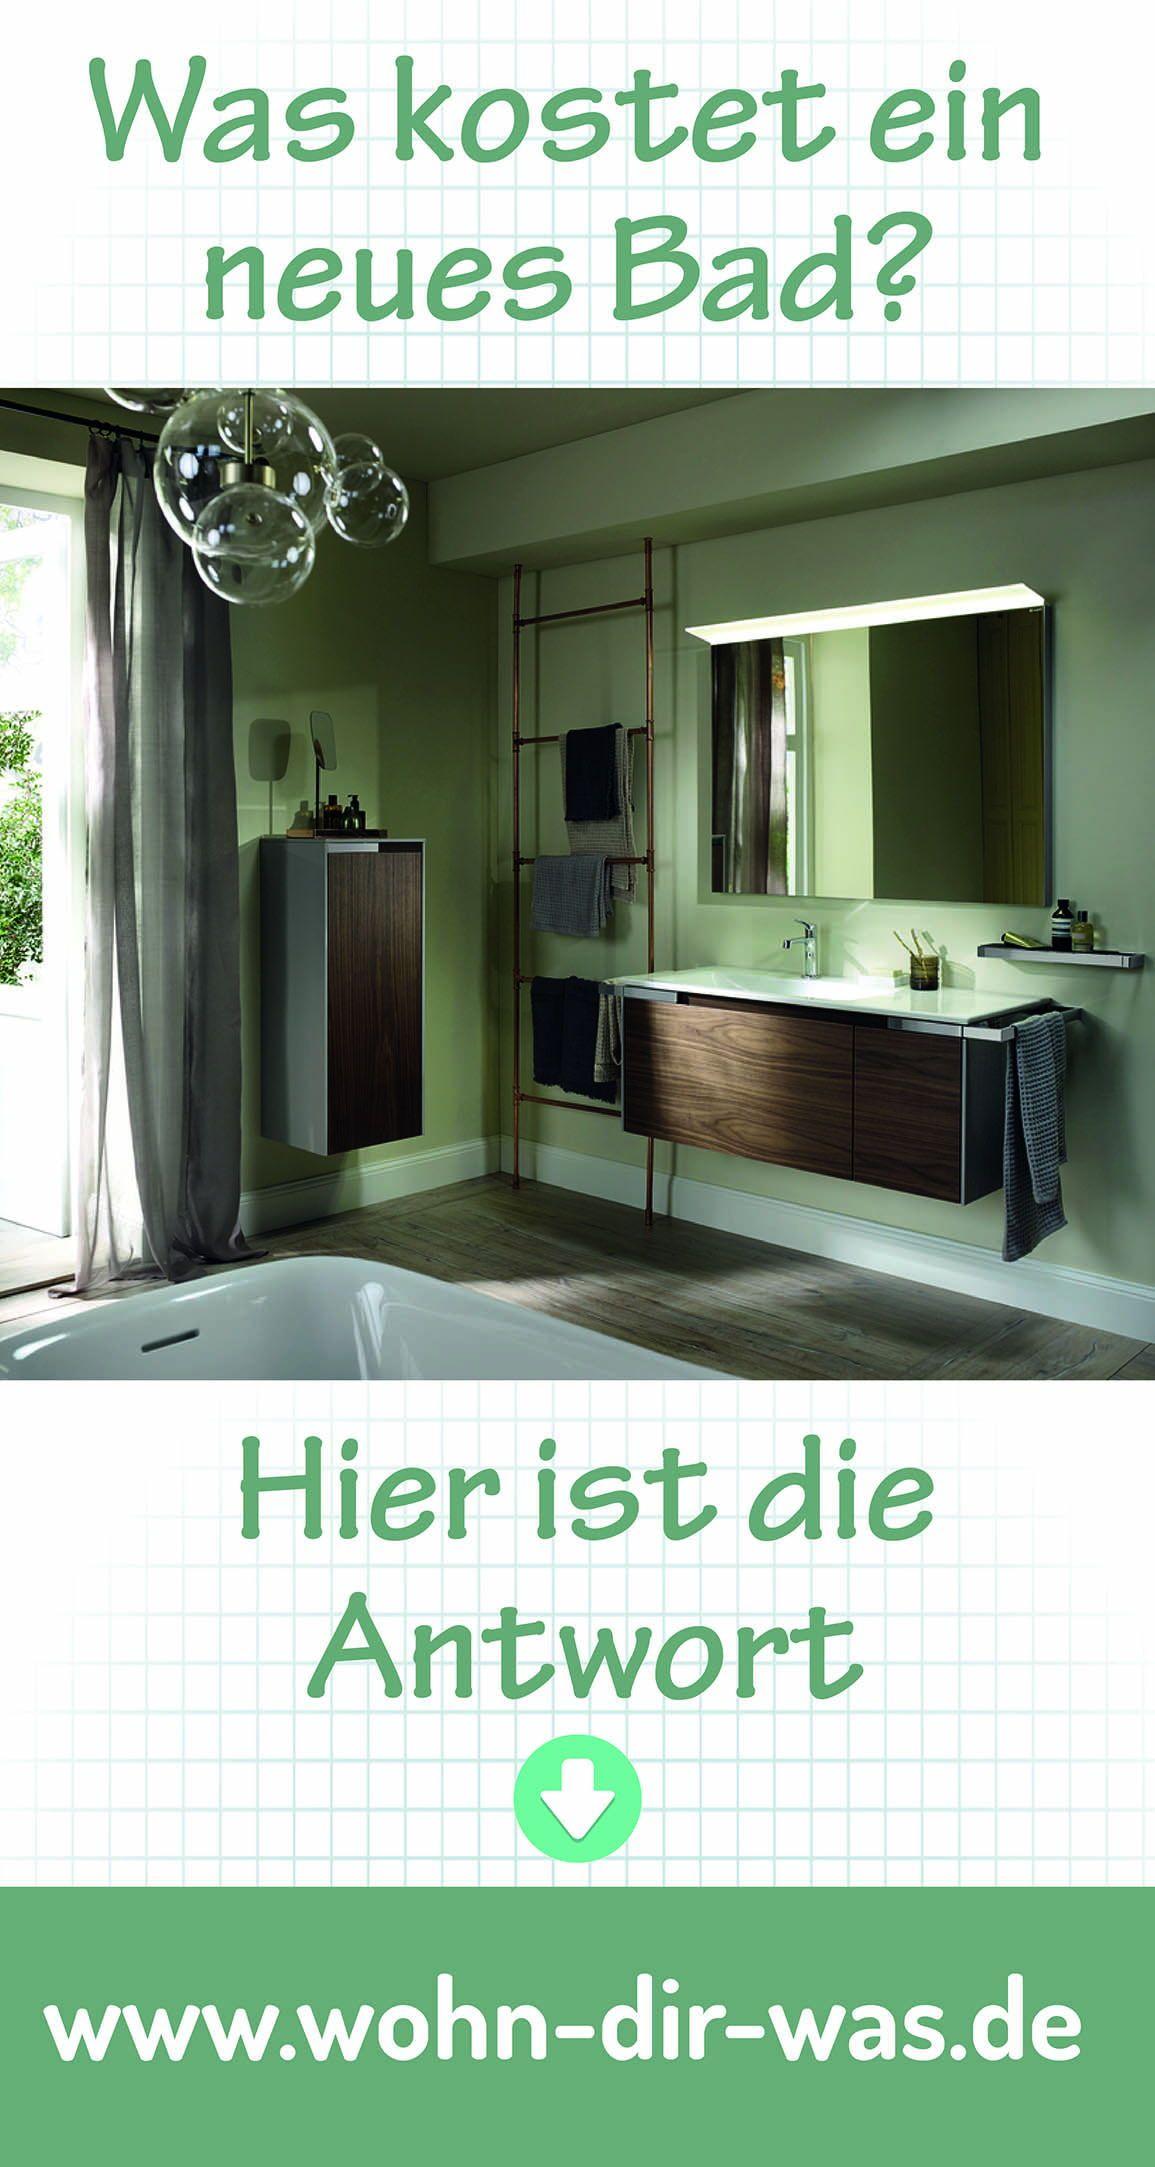 Du Uberlegst Dein Bad Zu Sanieren Investitionen Sind Zurzeit Eine Gute Idee Denn Sie Sind Gunstig Wie Nie Badezimmer Neues Badezimmer Bad Gunstig Renovieren